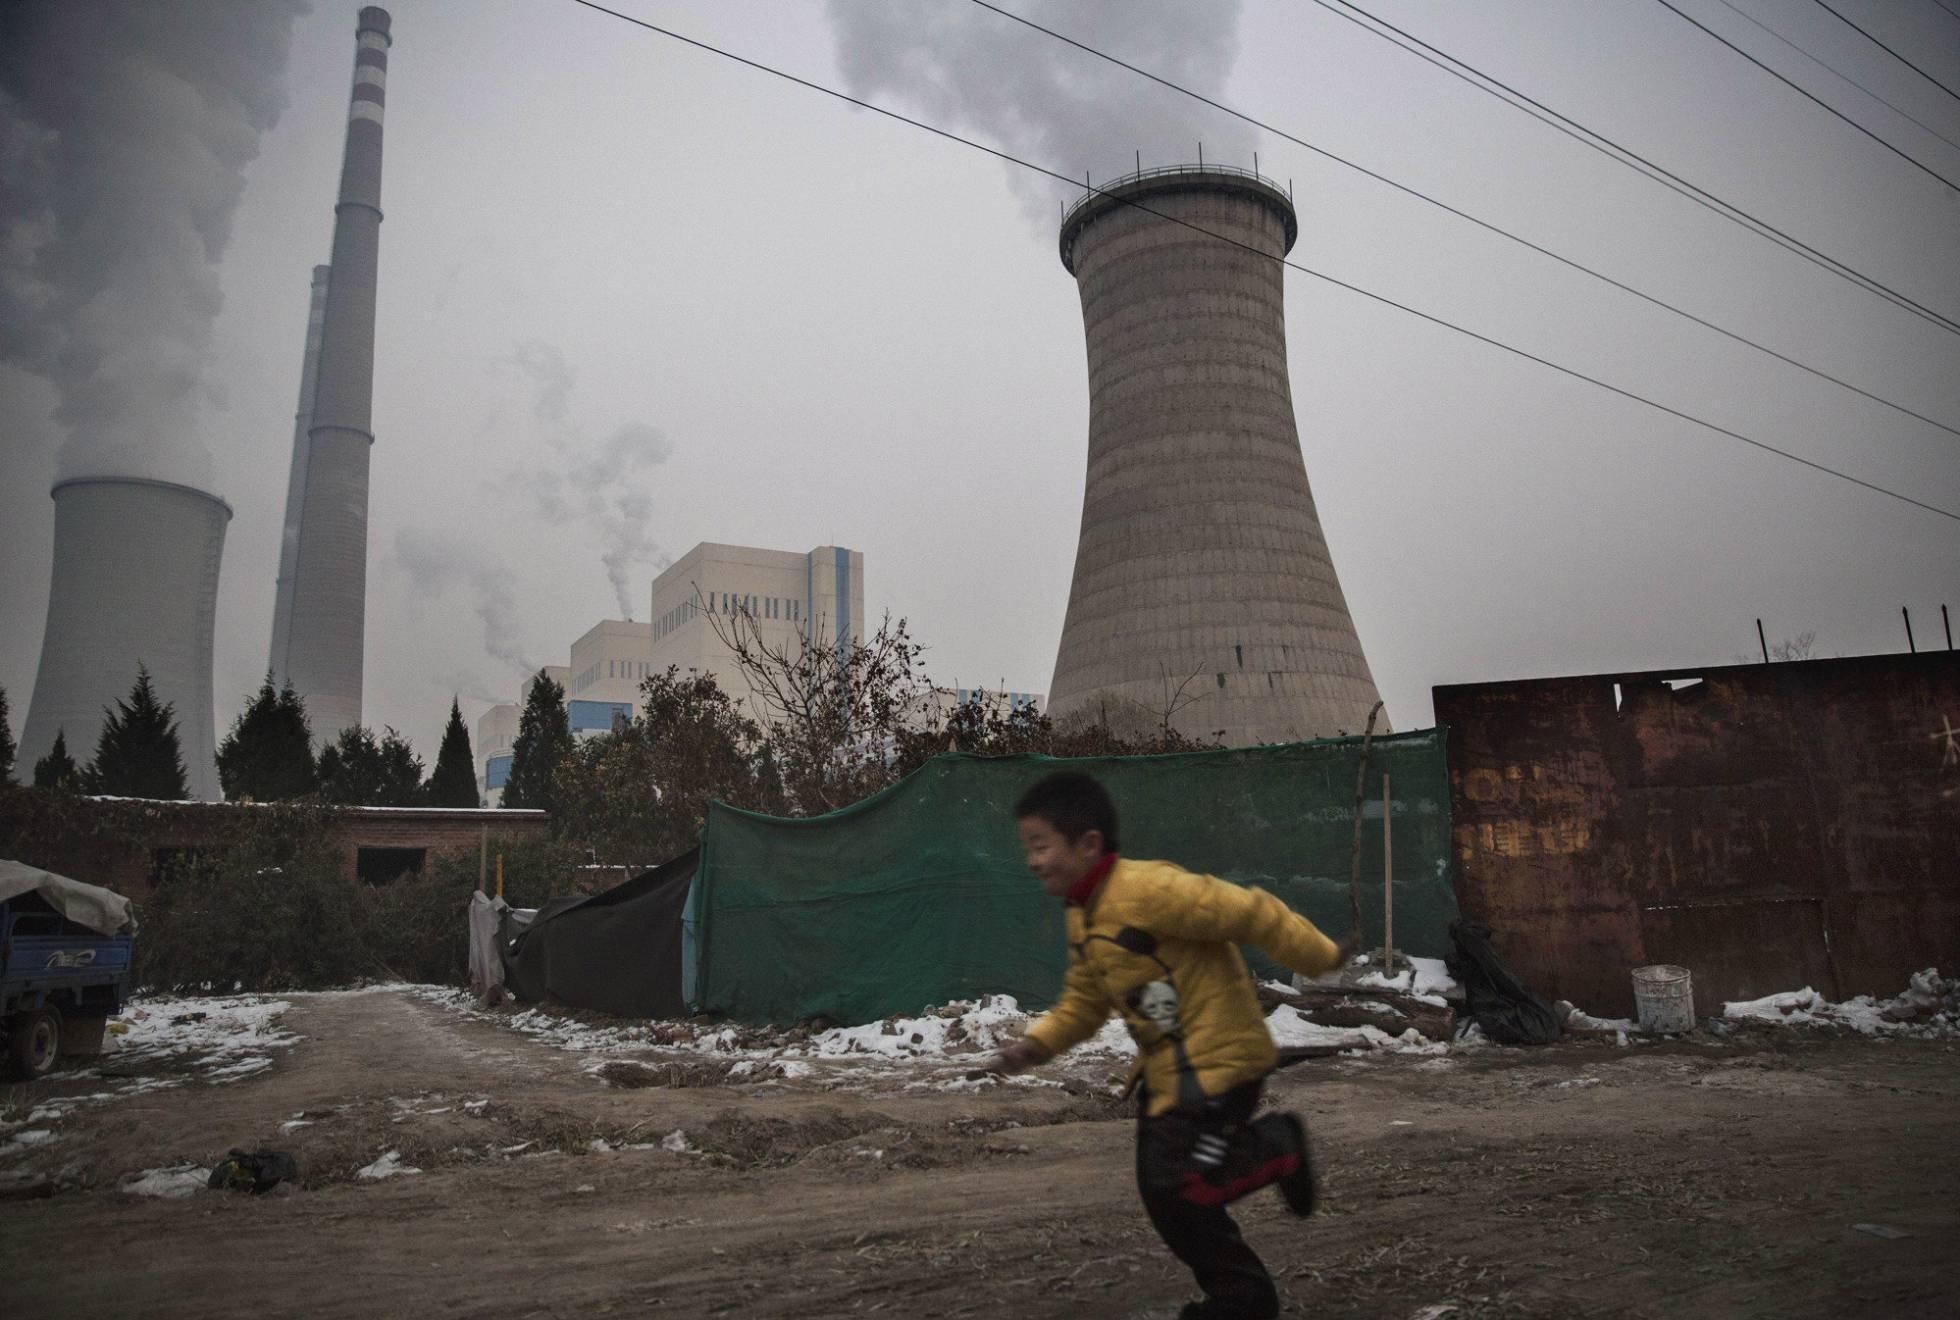 Um menino corre perto de uma central térmica de carvão em Pequim (China).  KEVIN FRAYER GETTY IMAGES / EPV